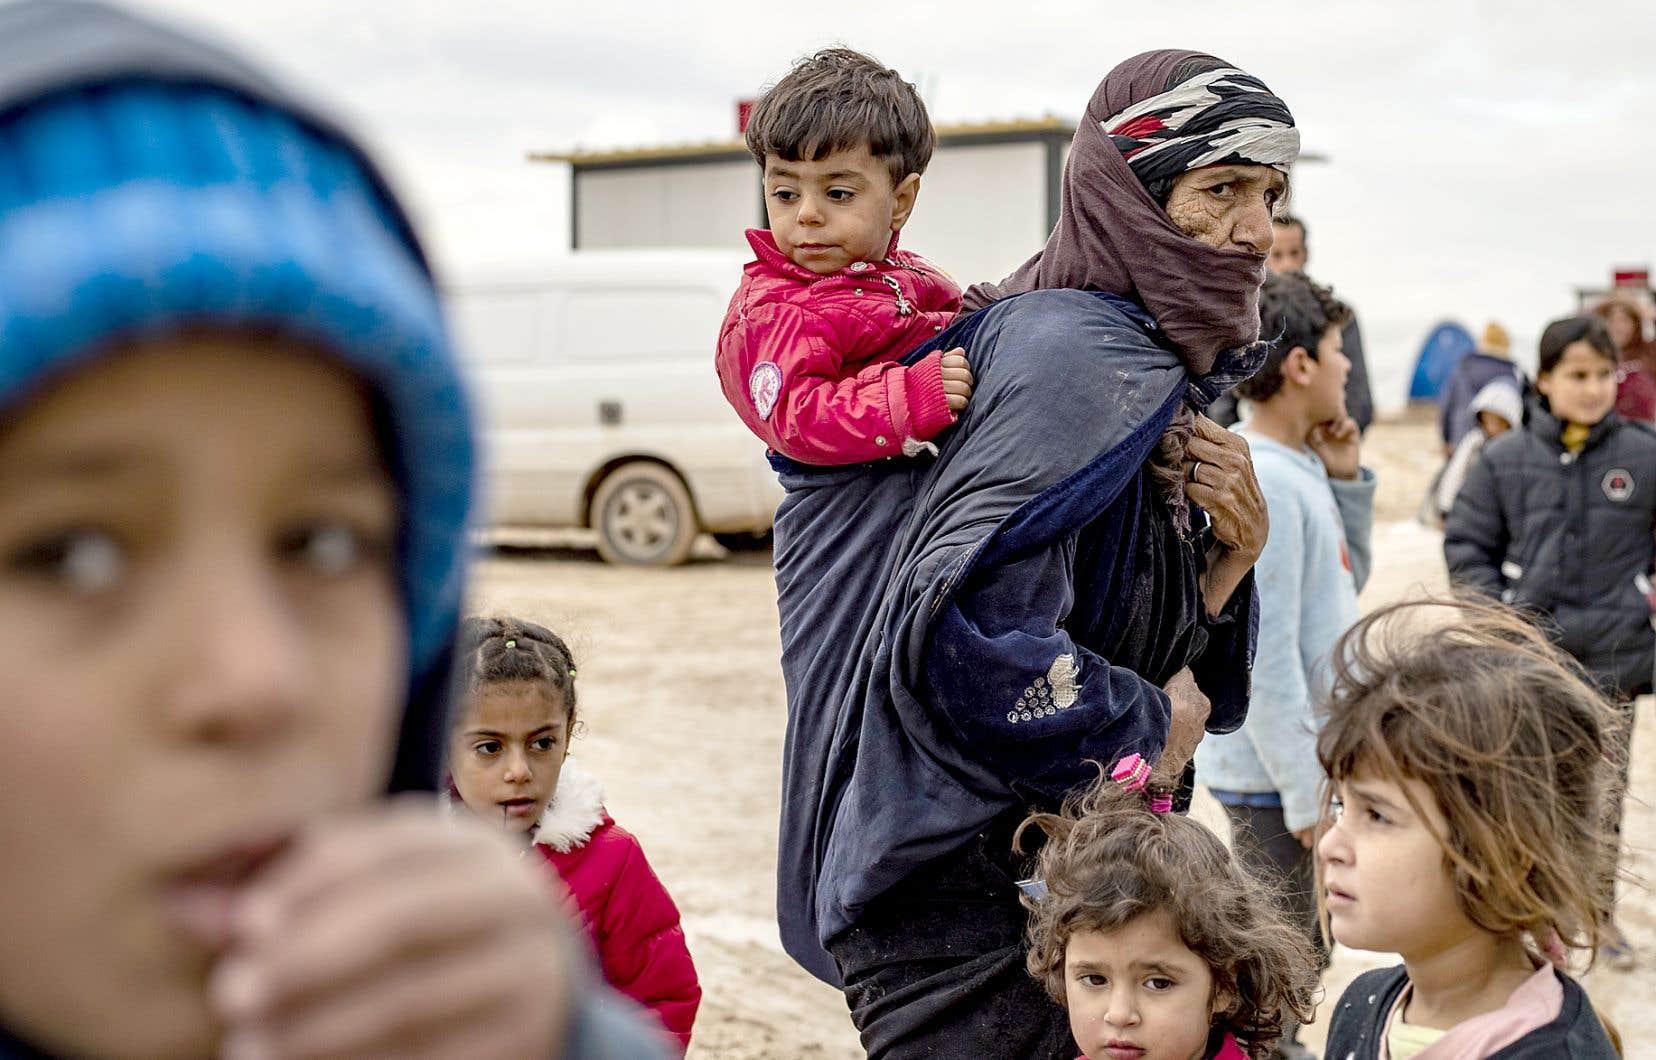 En huit ans, le conflit en Syrie a fait plus de 370000 morts et des millions de déplacés et de réfugiés.